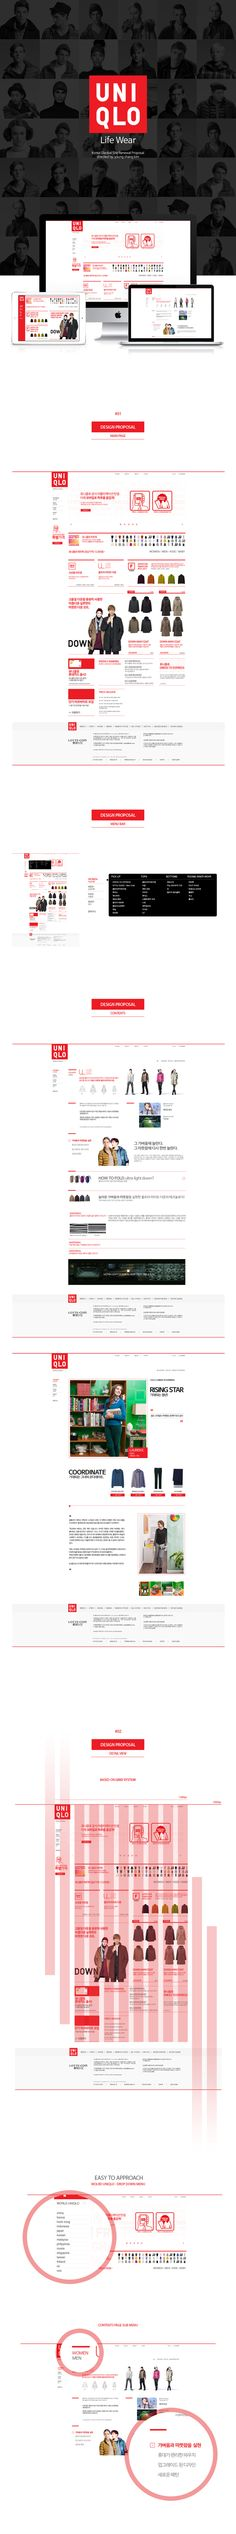 UNIQLO KOREA Global Site Renewal on Behance